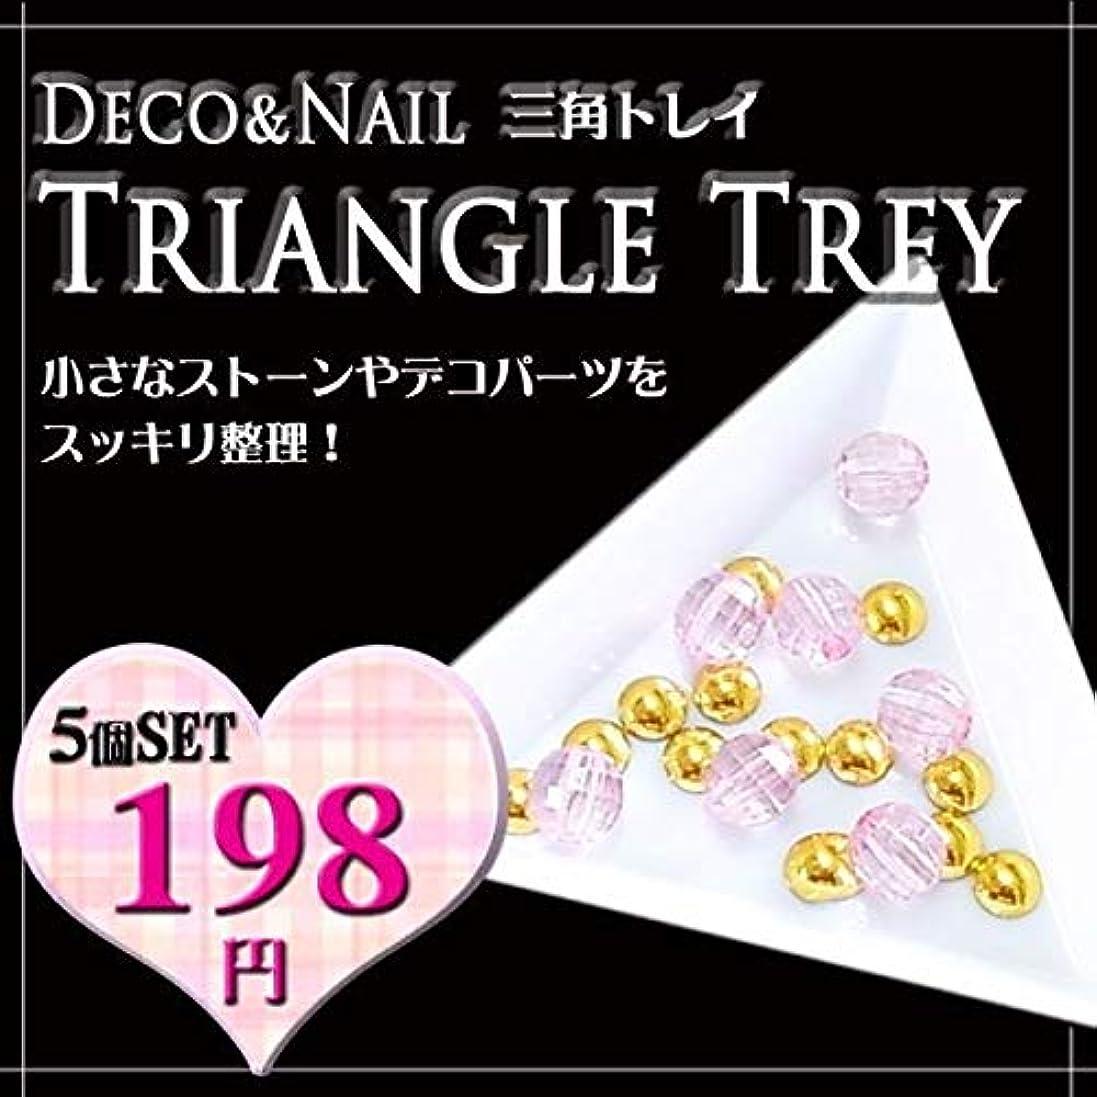 作り男バリア三角トレイ 5個セット